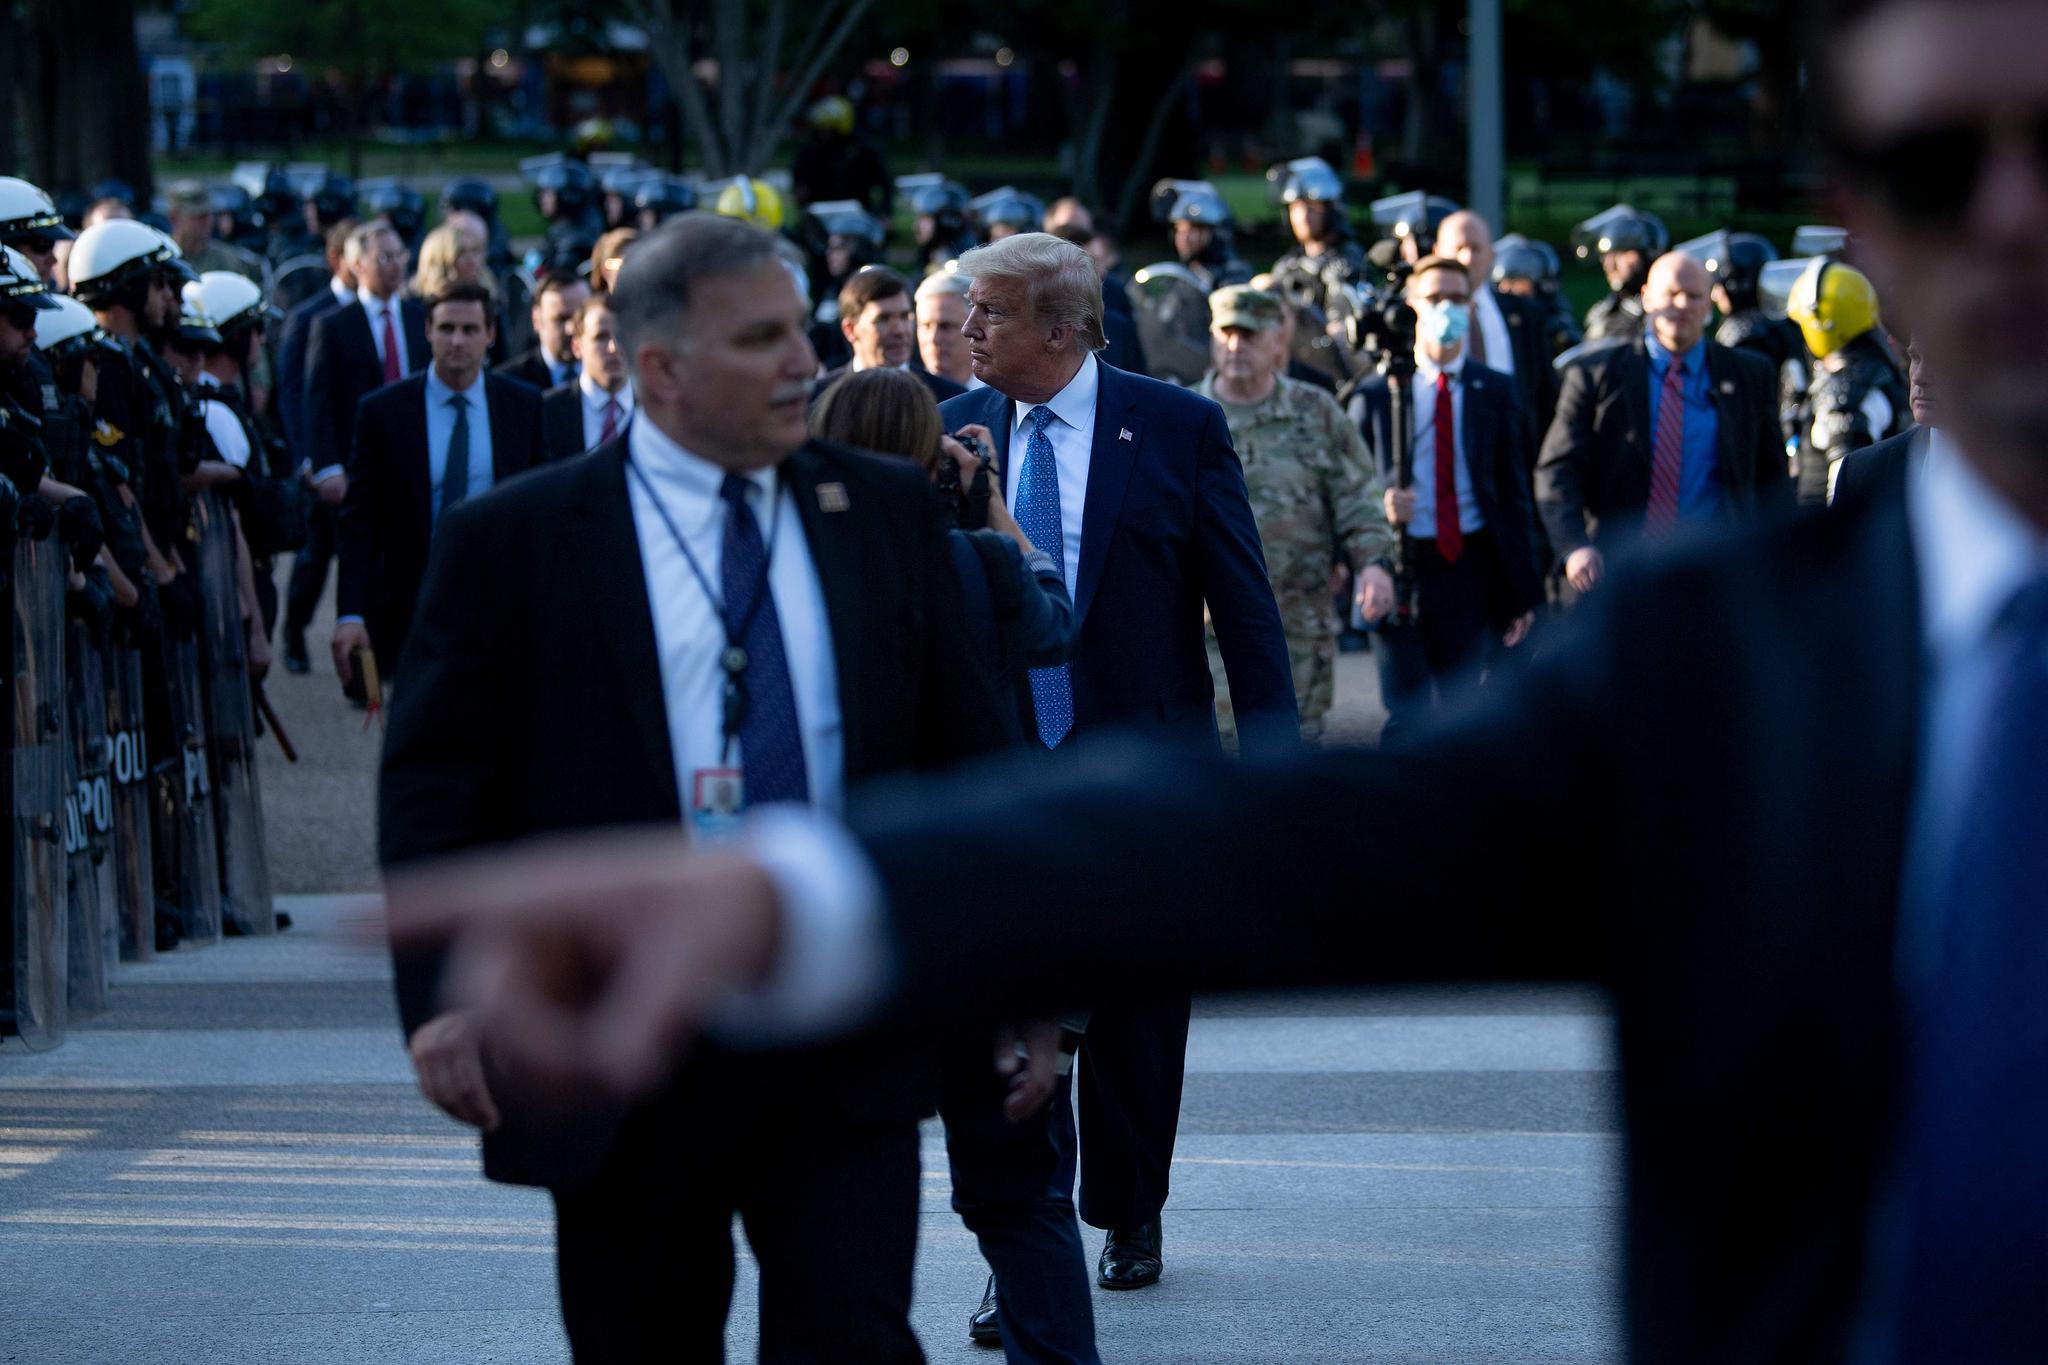 도널드 트럼프 미국 대통령이 1일(현지시간) 세인트 존스 교회를 방문한 뒤 진압복을 입은 경찰 사이를 지나 백악관으로 복귀하고 있다. [AFP=연합뉴스]